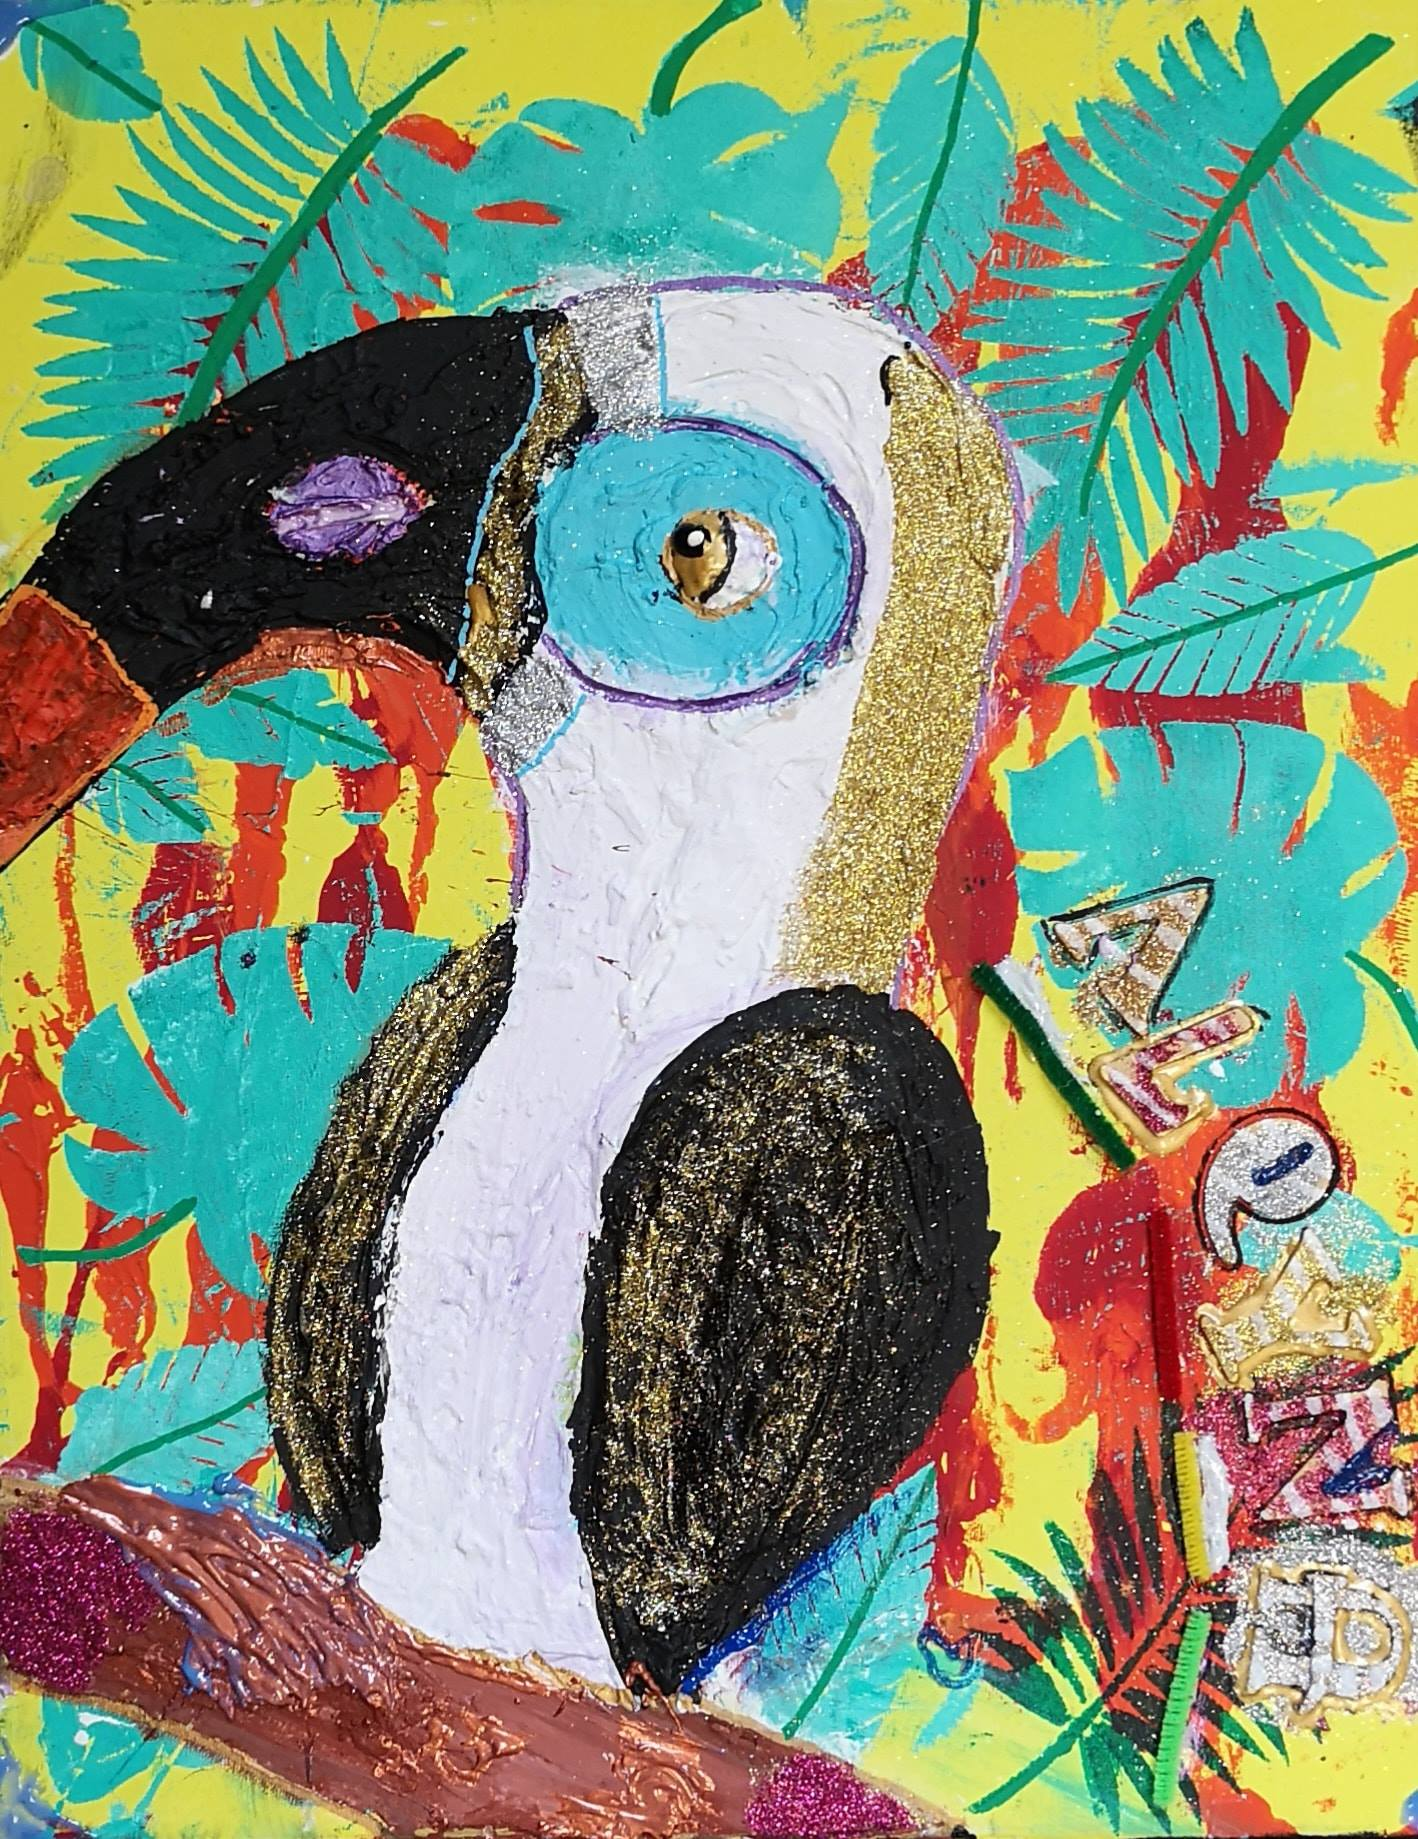 Un aperçu des créations, ici un pingouin coloré